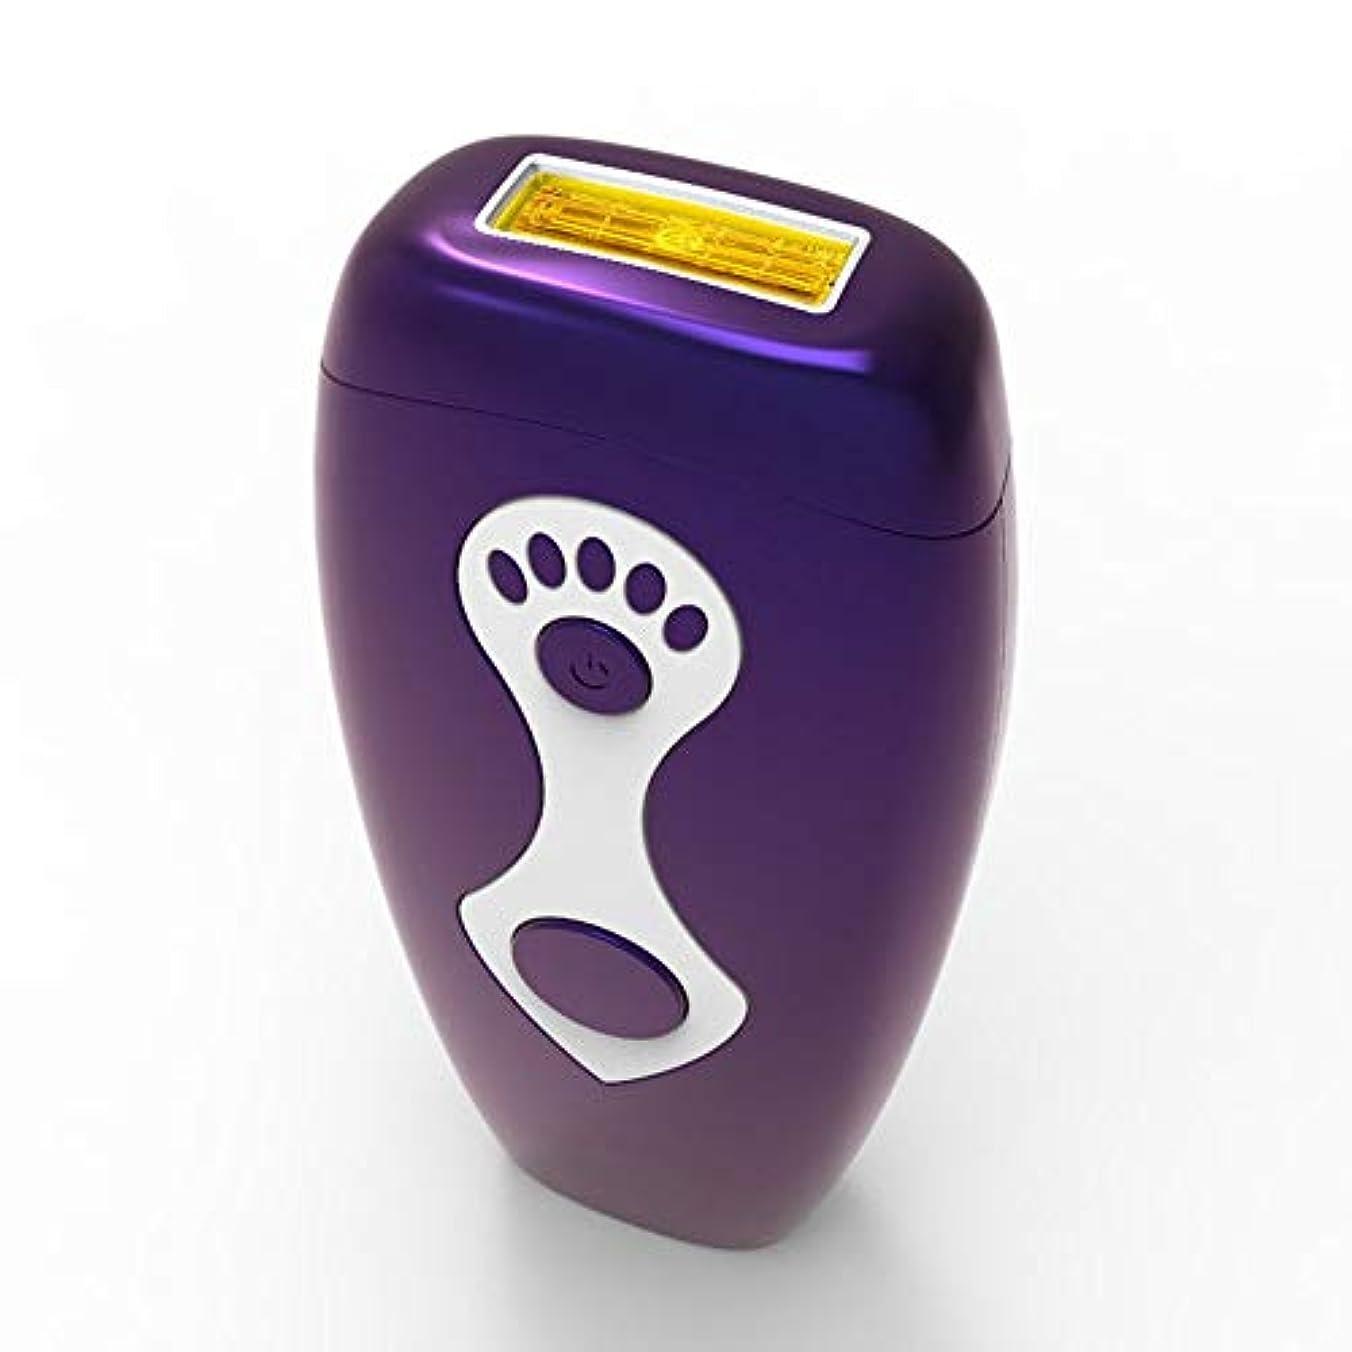 騒々しい鑑定ばかIku夫 パーマネント脱毛、家庭用ニュートラルヘアリムーバー、柔らかい肌、マルチ運動エネルギー、安全性、グレード5無料調整、サイズ7.5×16.5 Cm (Color : Purple)